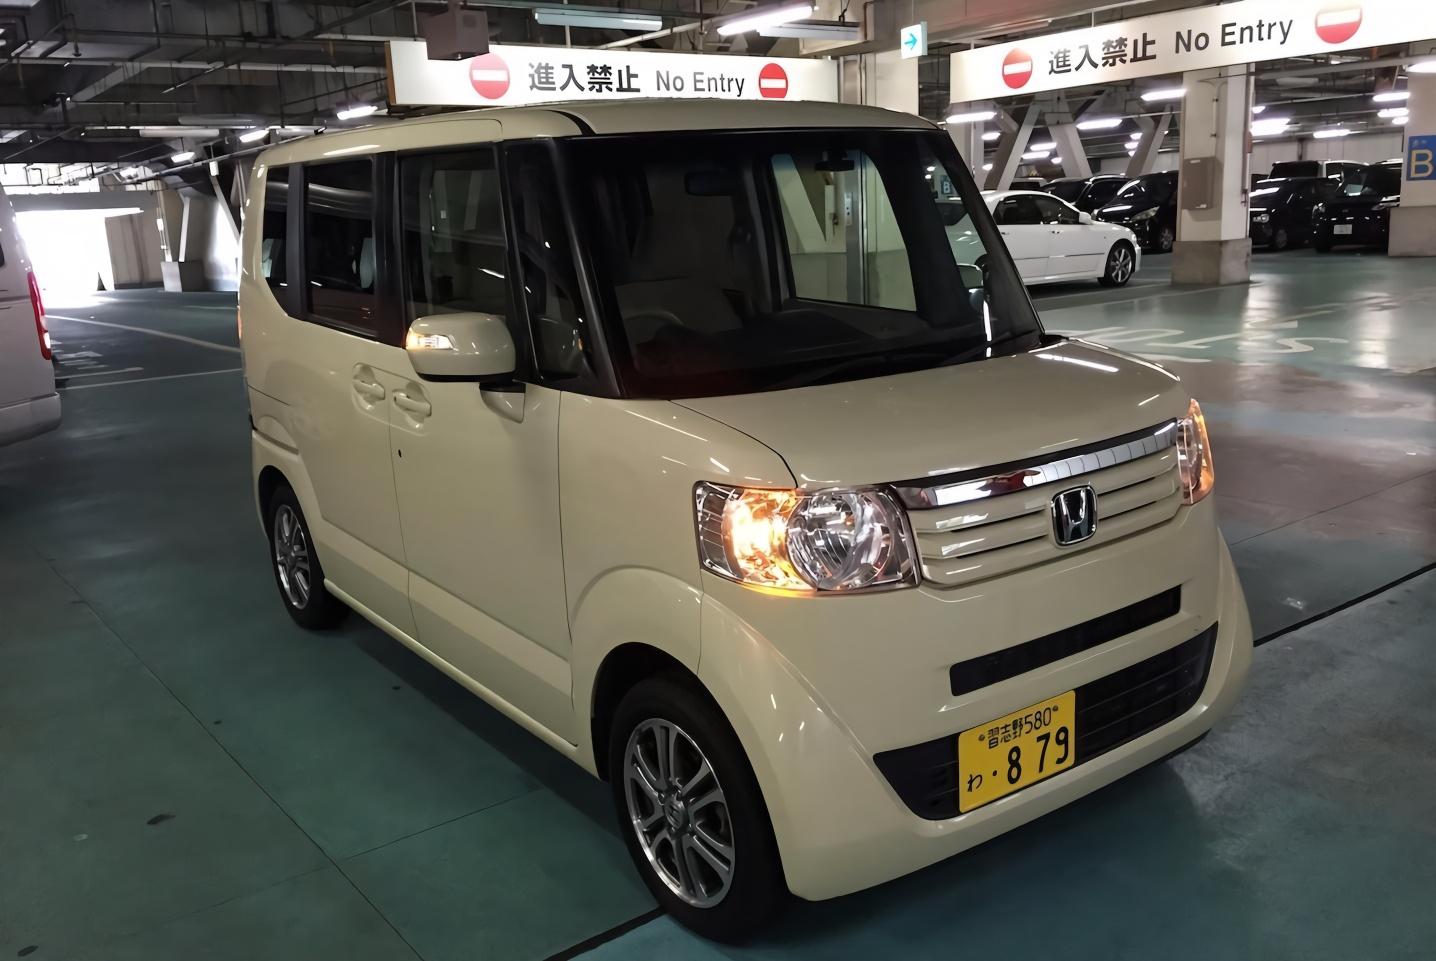 2018年日本销量最好车型,性价比超高,只可惜在中国不受待见!